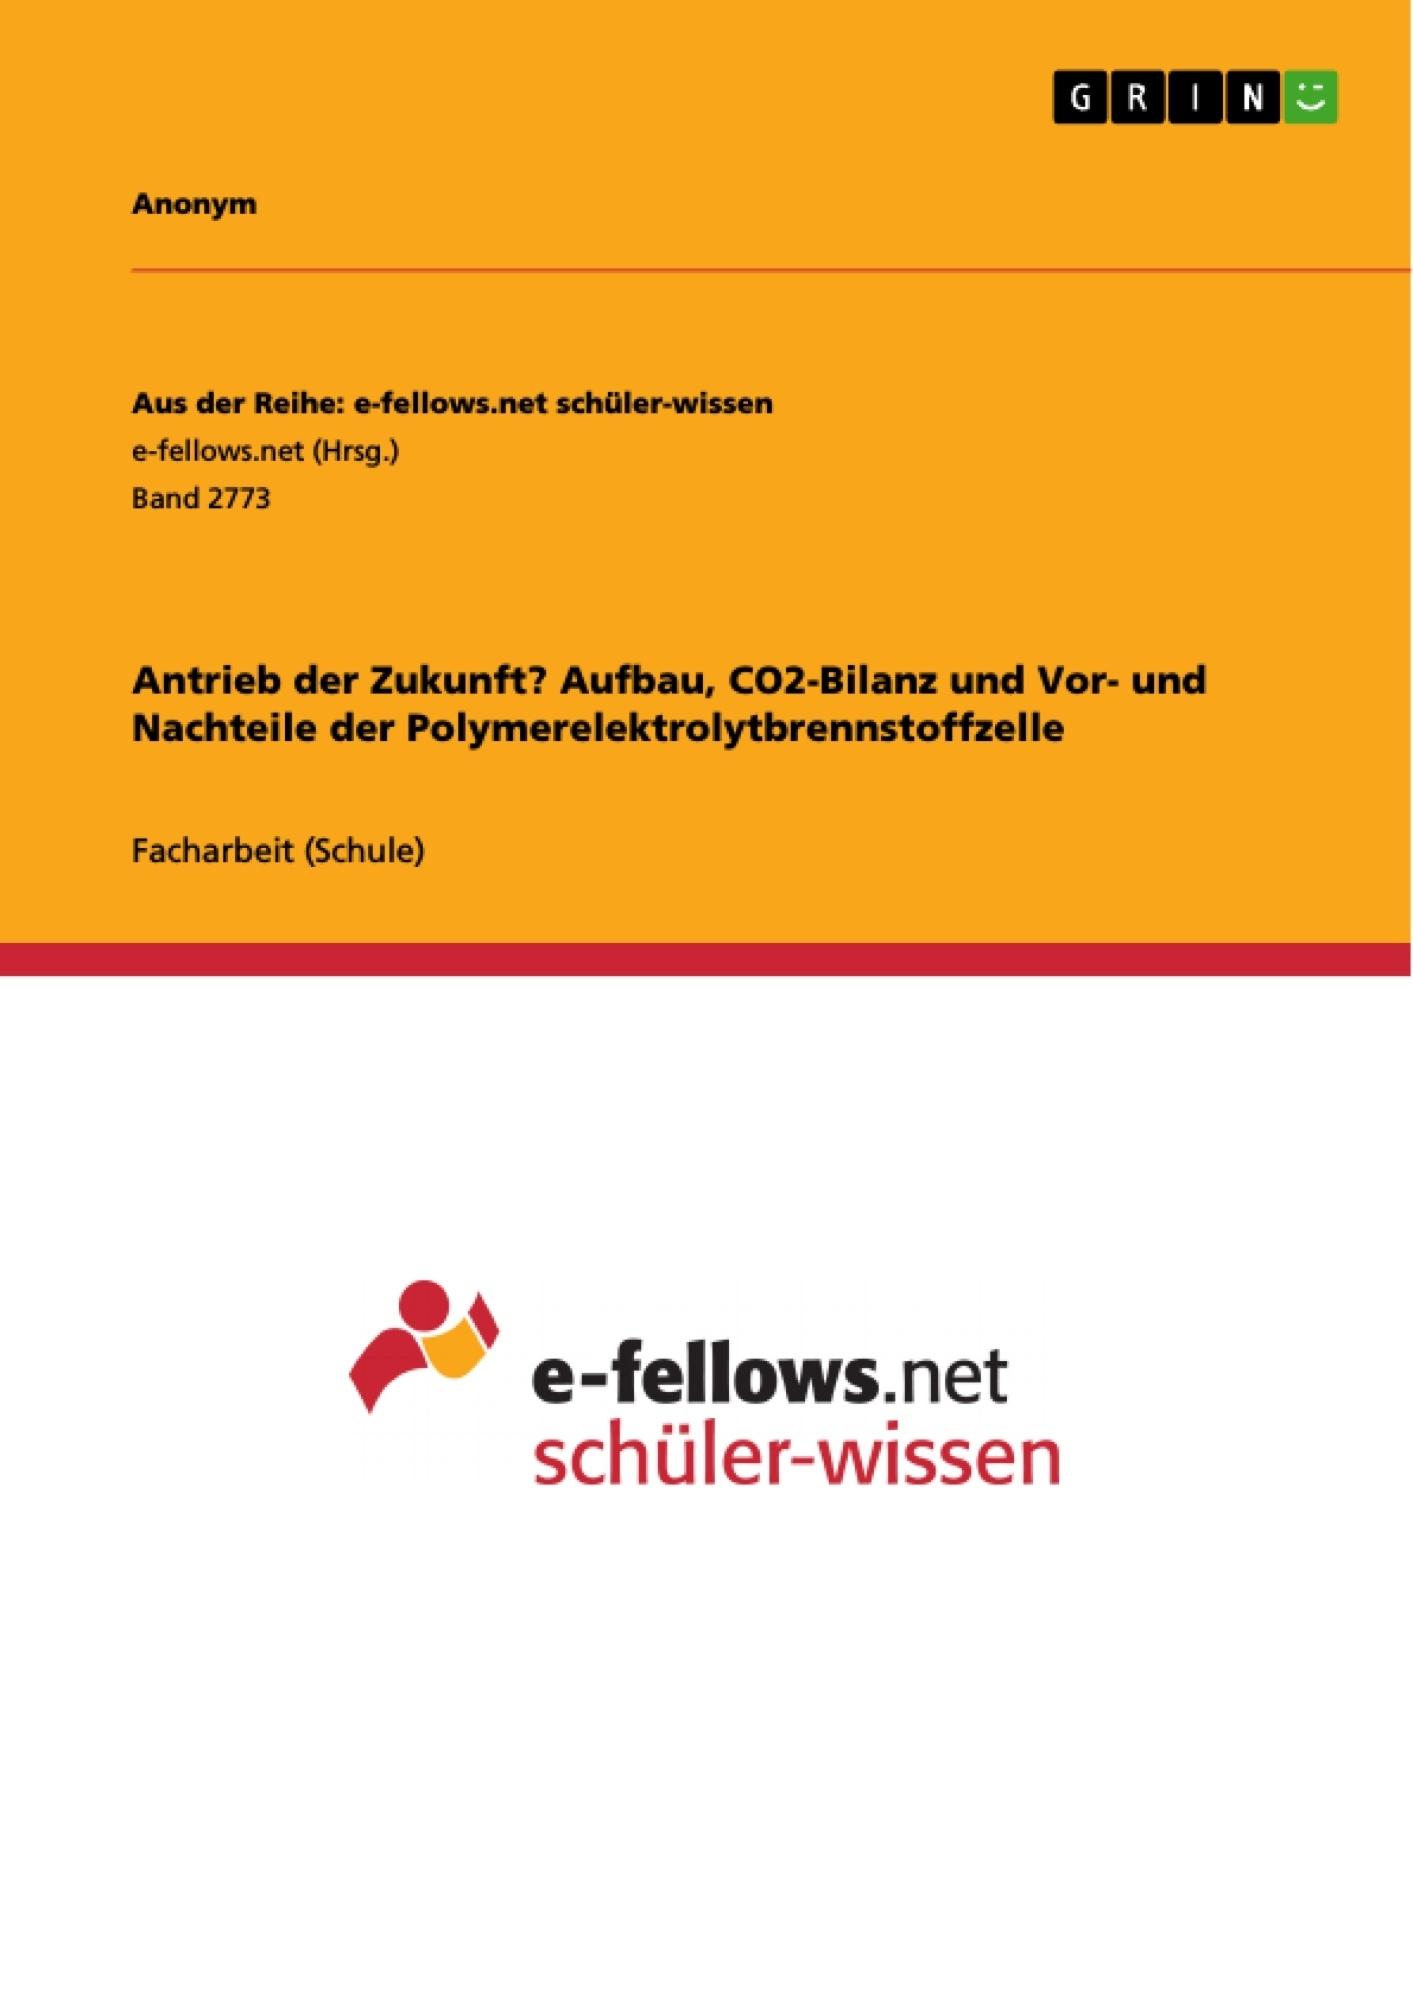 Titel: Antrieb der Zukunft? Aufbau, CO2-Bilanz und Vor- und Nachteile der Polymerelektrolytbrennstoffzelle